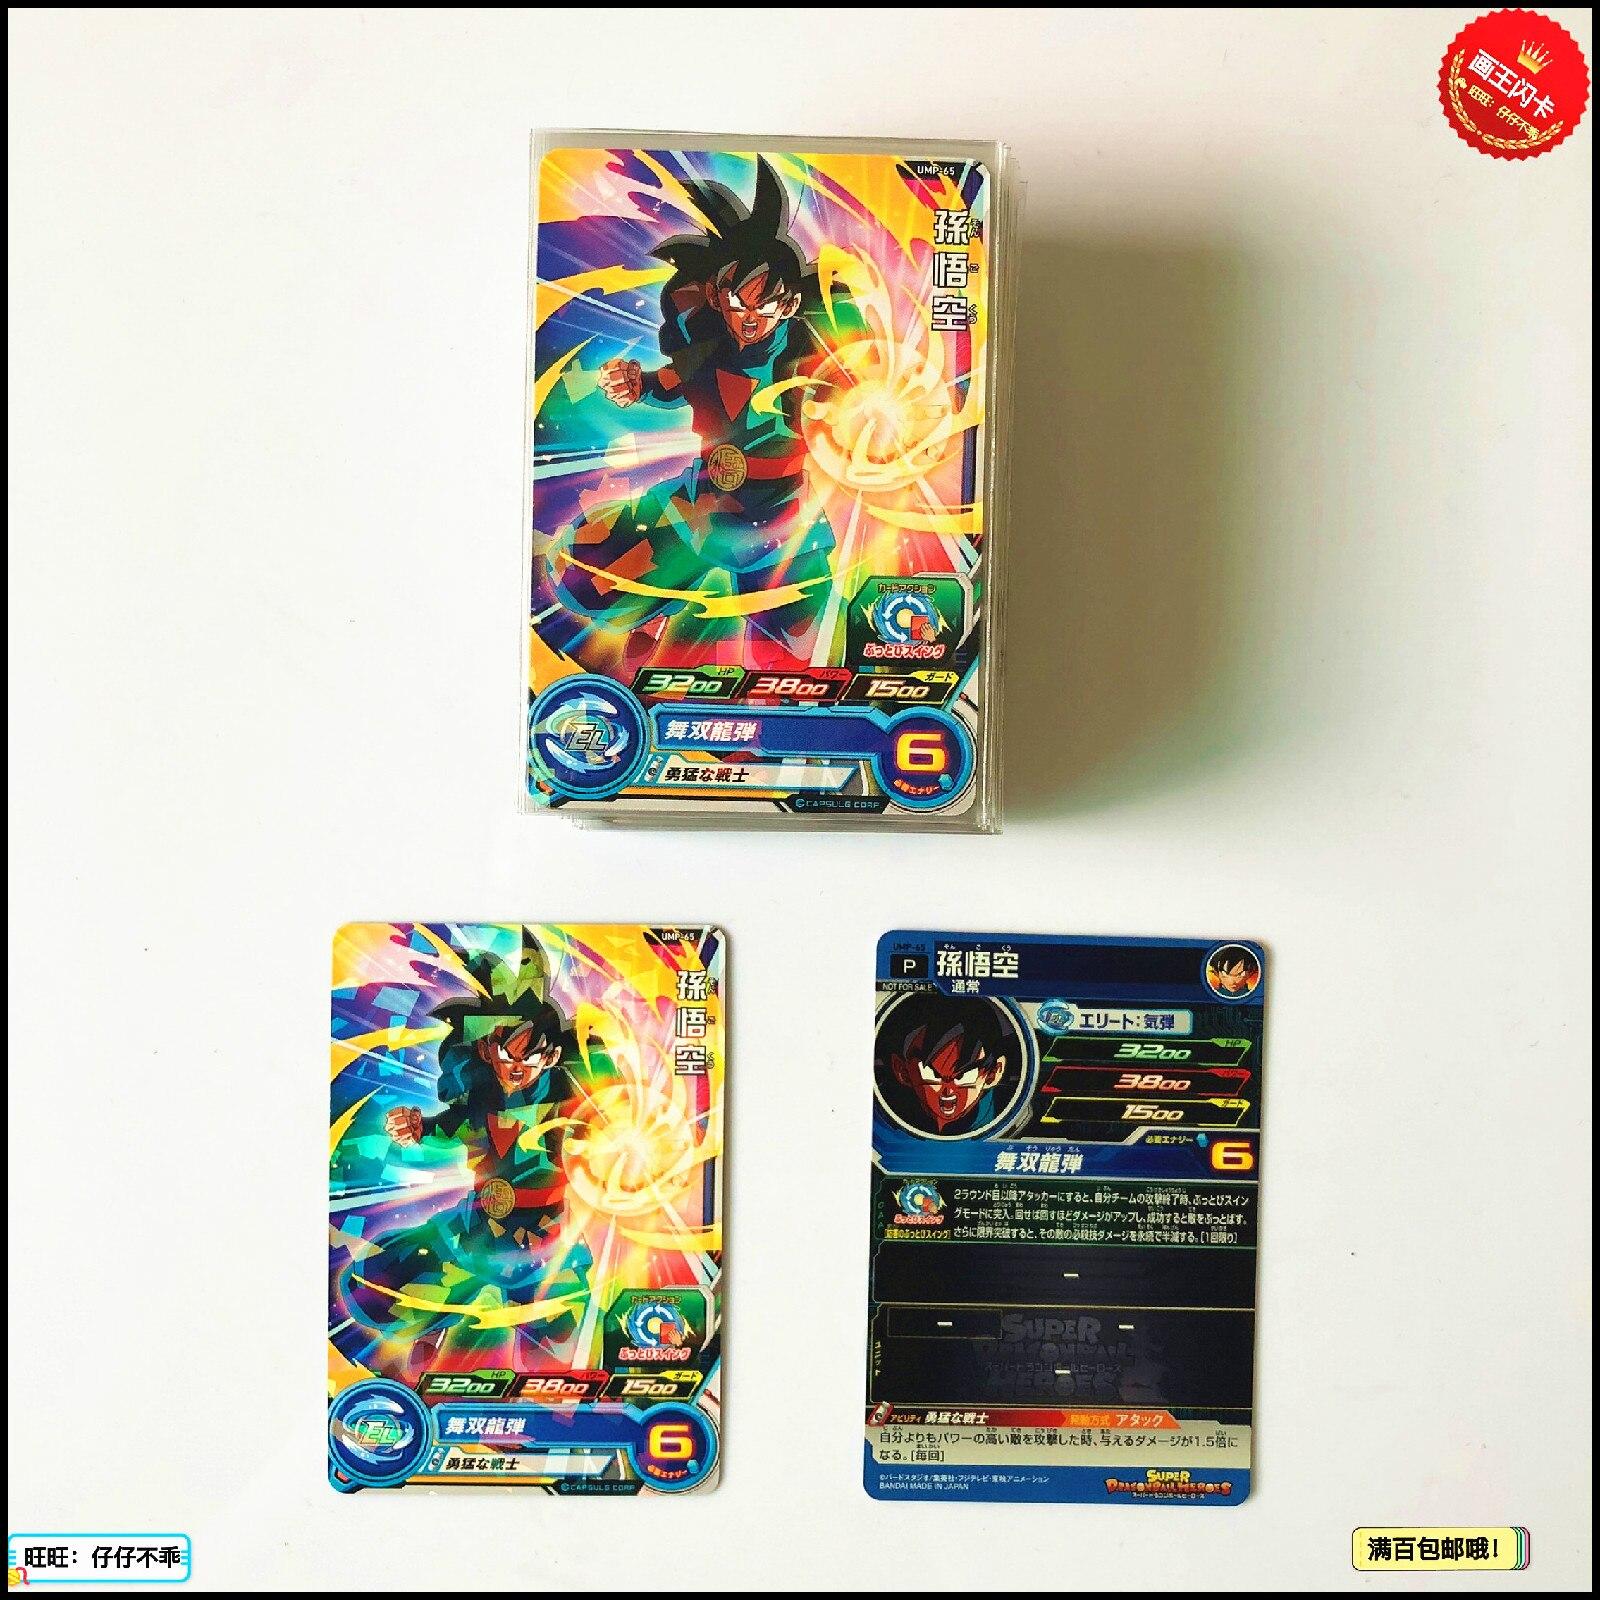 Japan Original Dragon Ball Hero Card UM8 UMP 65 Goku Toys Hobbies Collectibles Game Collection Anime Cards